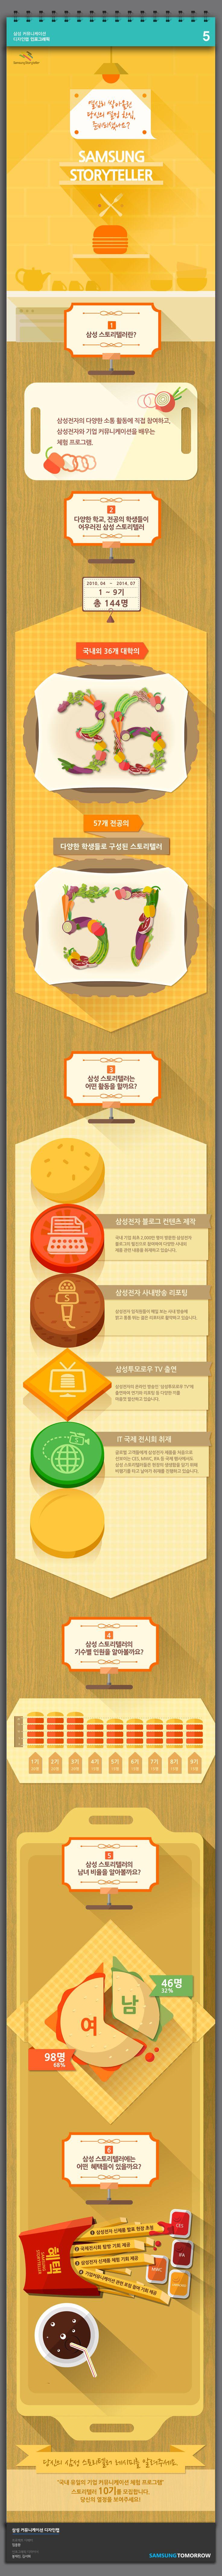 삼성 스토리텔러를 소개하는 인포그래픽